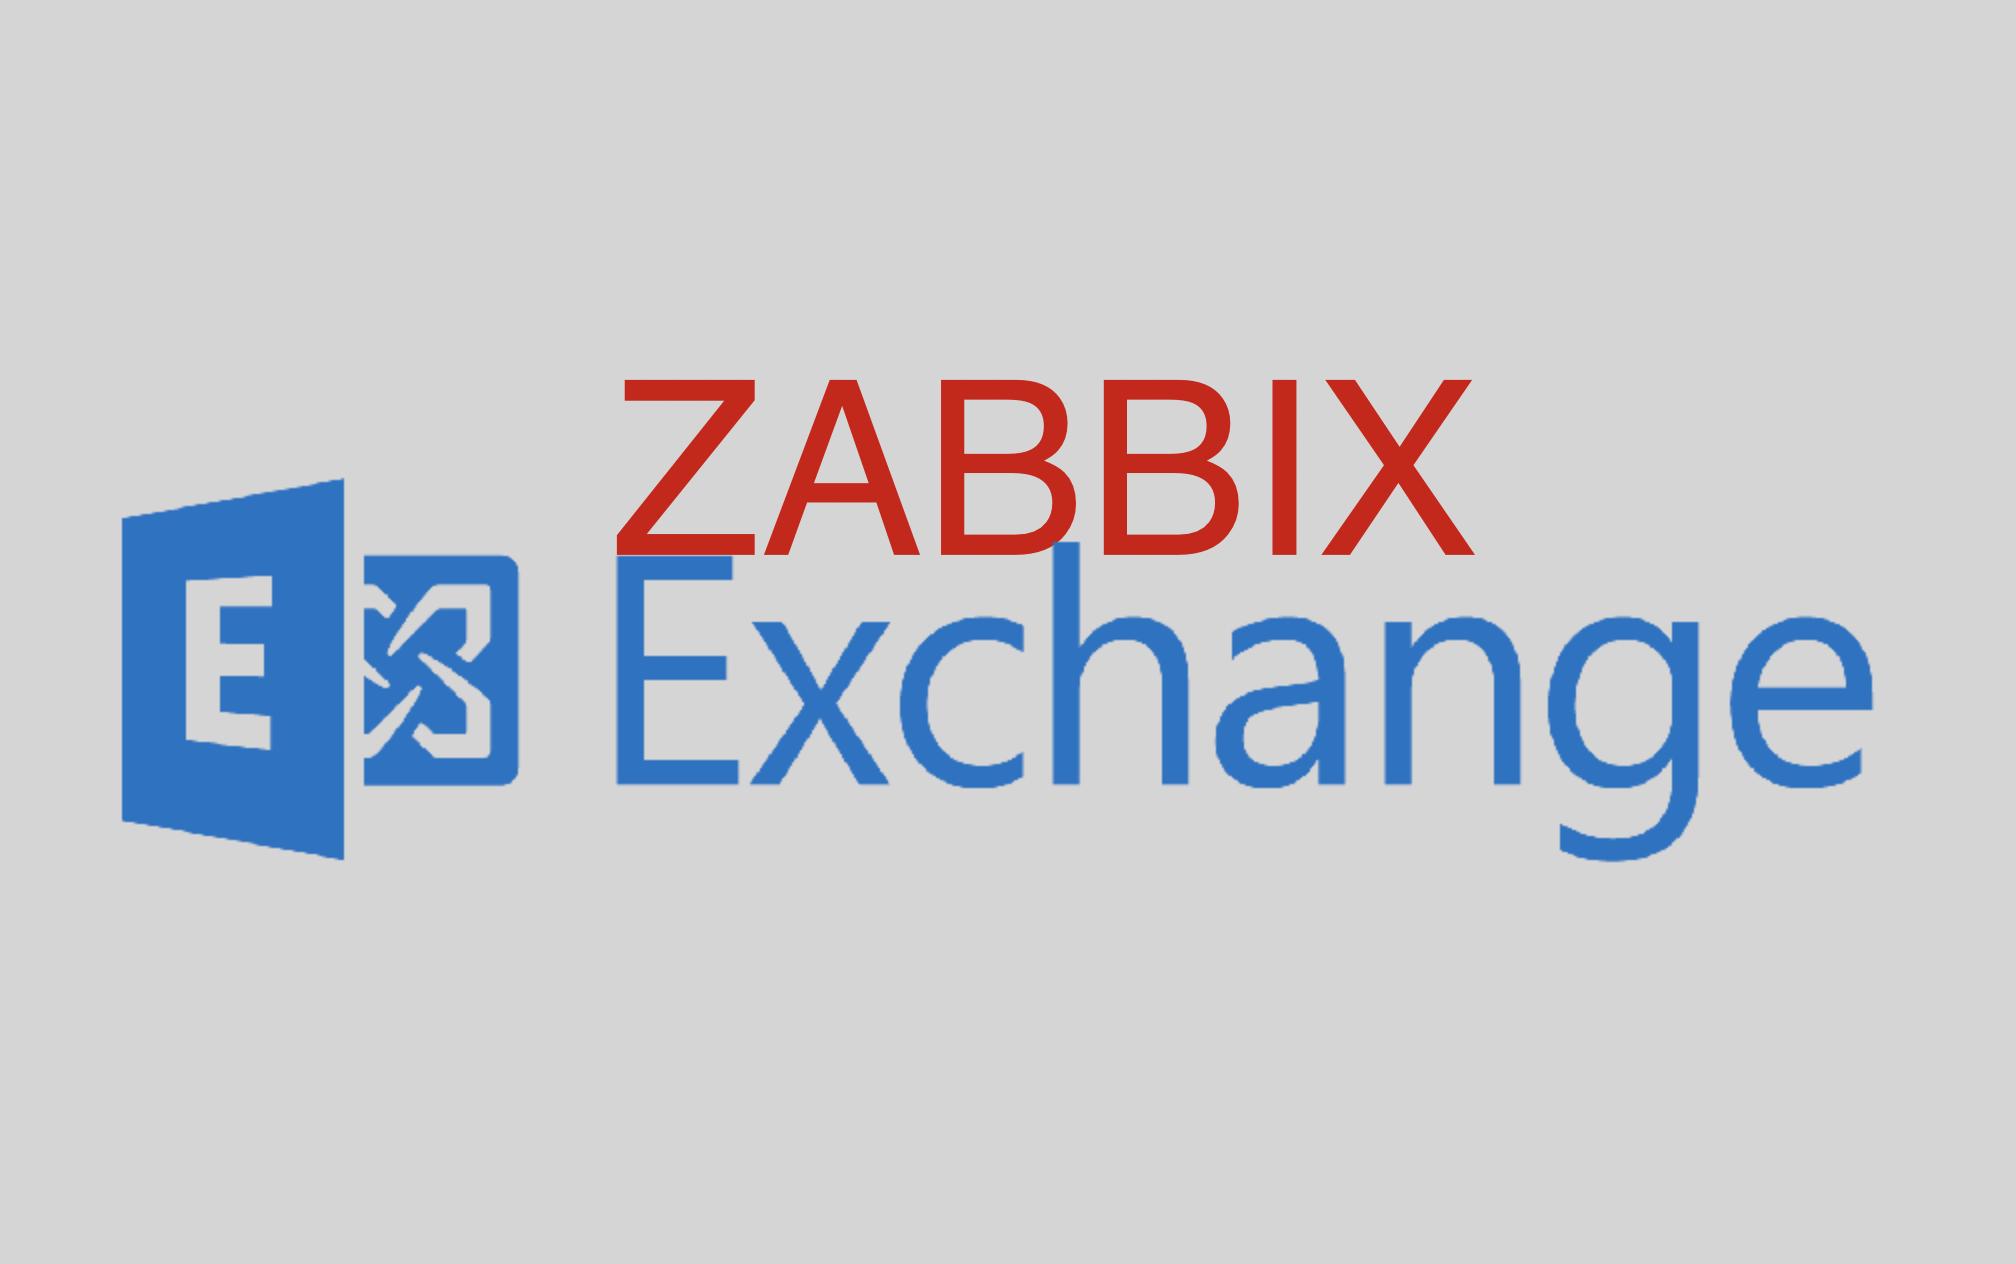 使用 Zabbix 监控 Exchange Server 的数据库